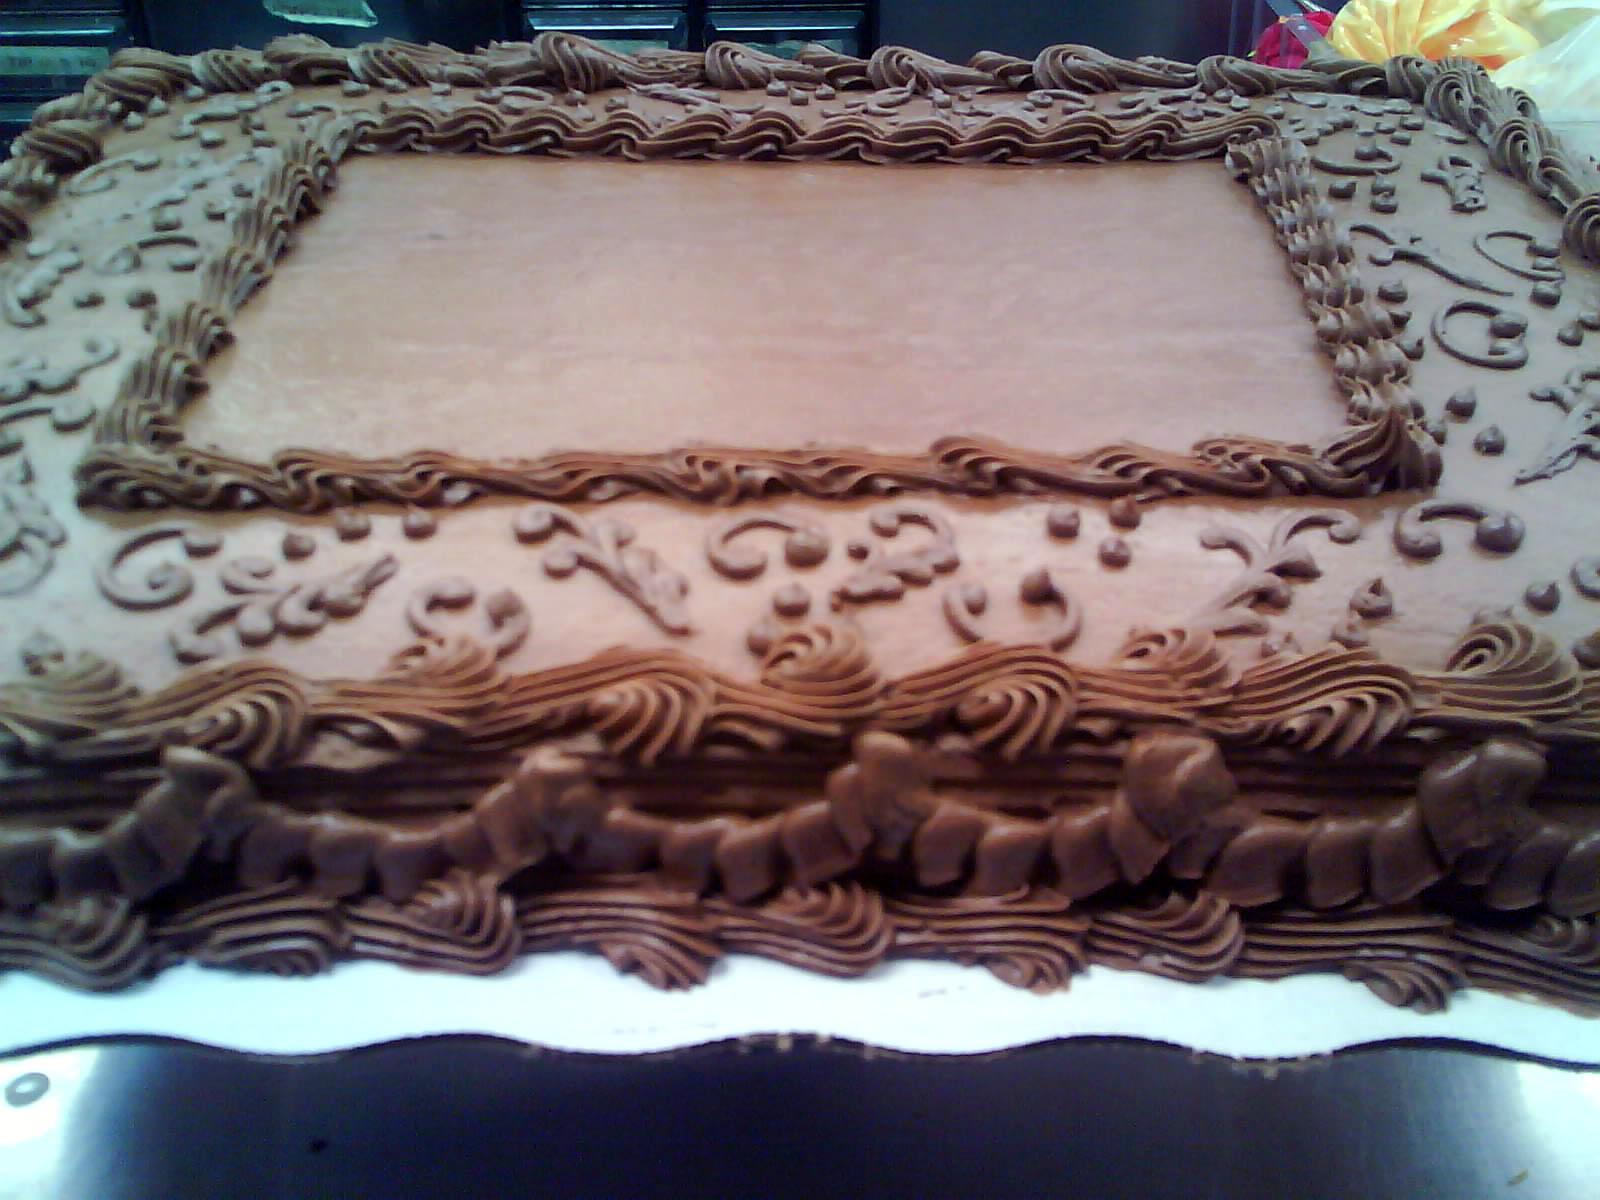 Chocolate Sheet Cake Decorating Ideas 117648 Go Back Image